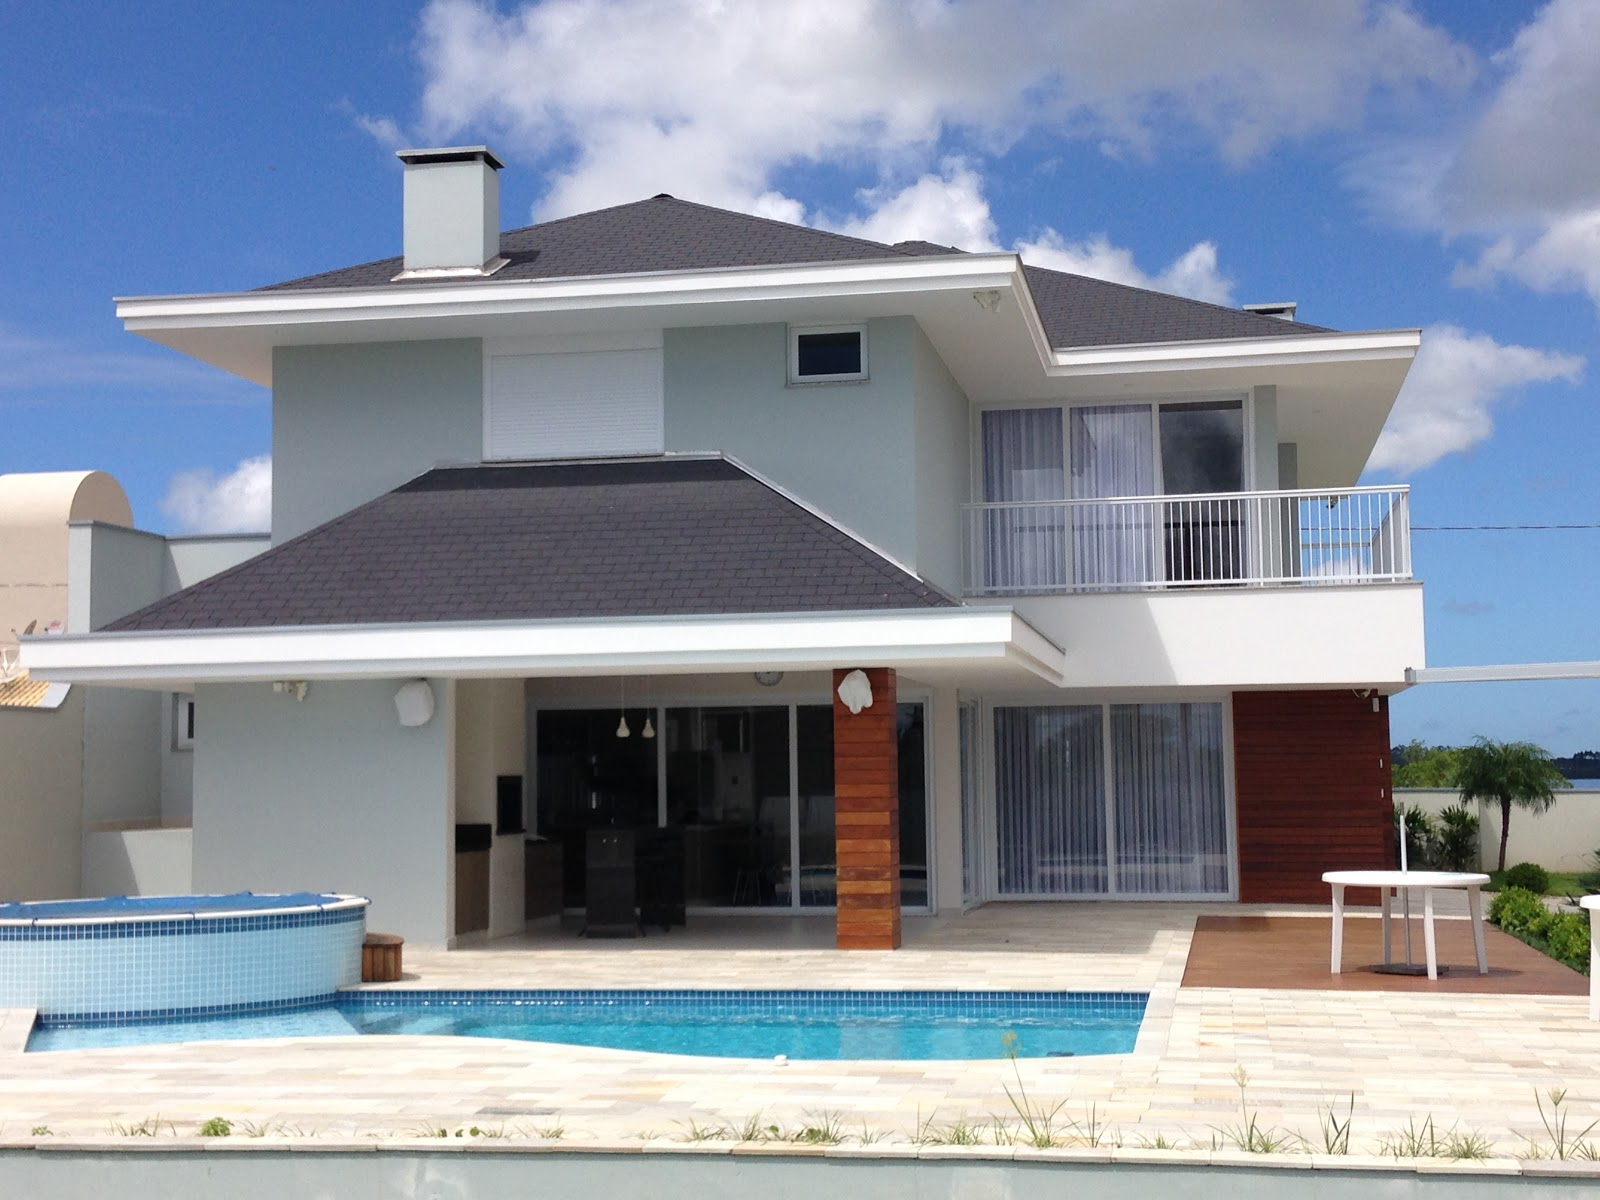 #385F93 PVC Portas e Janelas Tudo em esquadrias em PVC: Mais uma casa de  1530 Valor De Uma Janela De Pvc